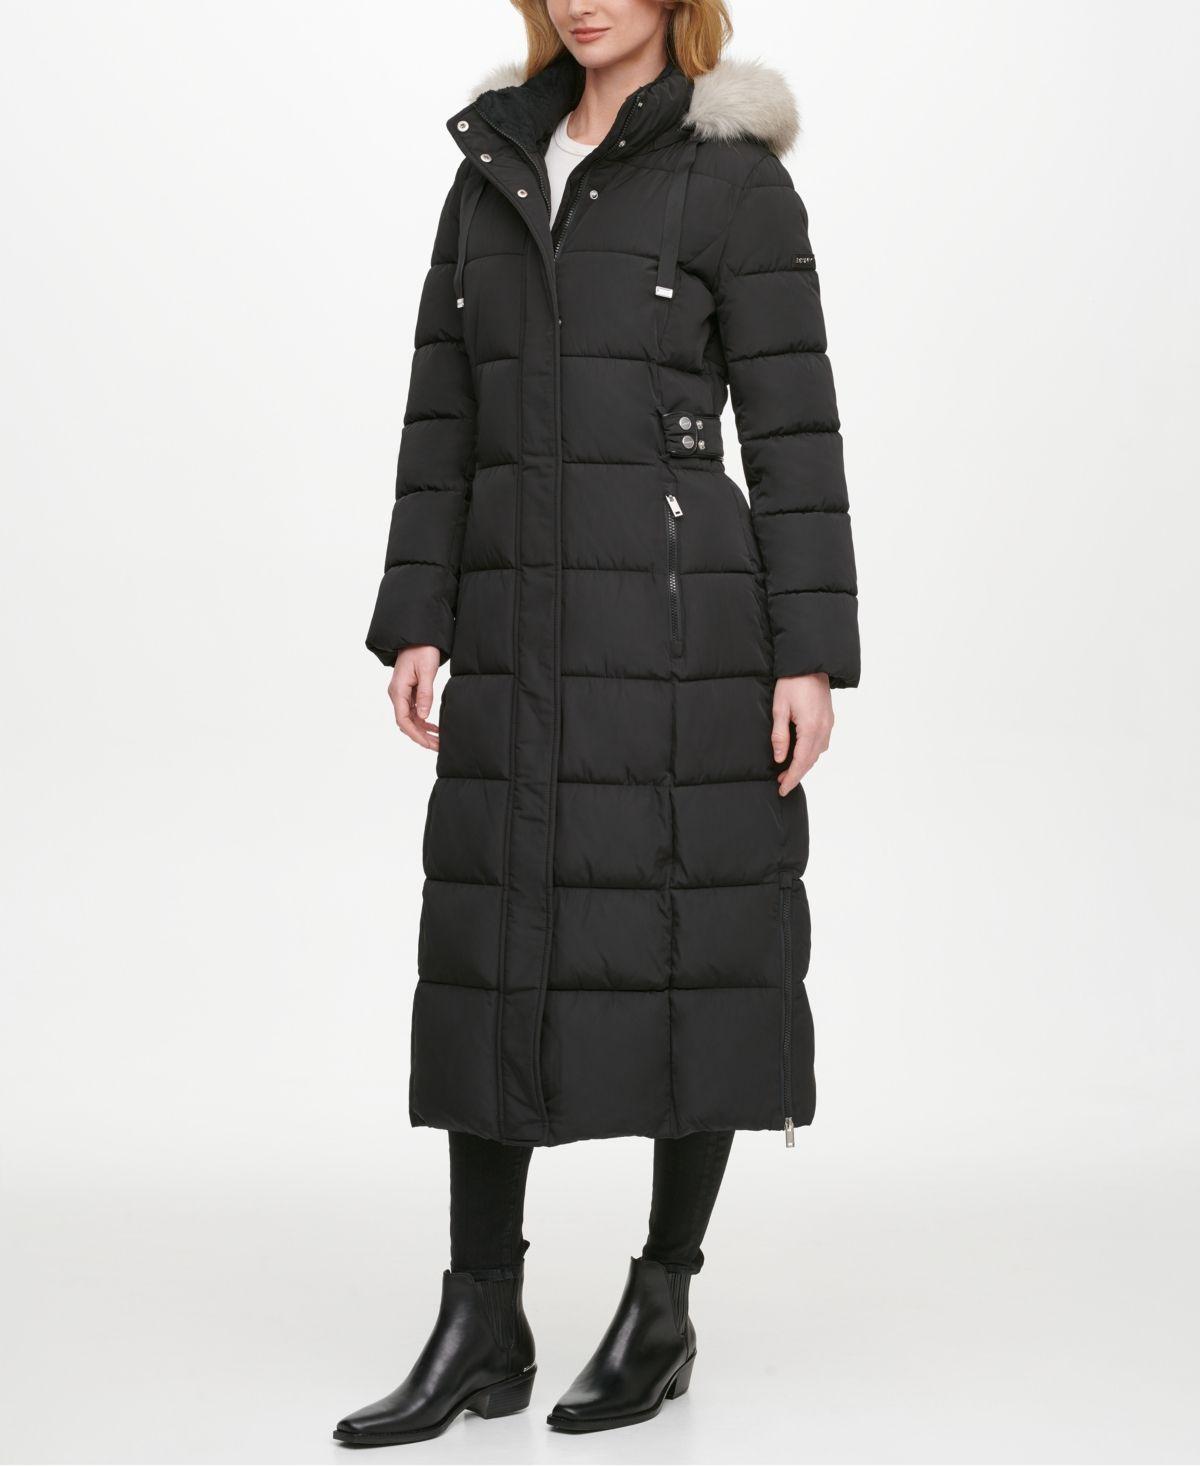 Dkny Faux Fur Trim Hooded Maxi Puffer Coat Reviews Coats Women Macy S In 2021 Maxi Coat Puffer Coat Coats For Women [ 1467 x 1200 Pixel ]